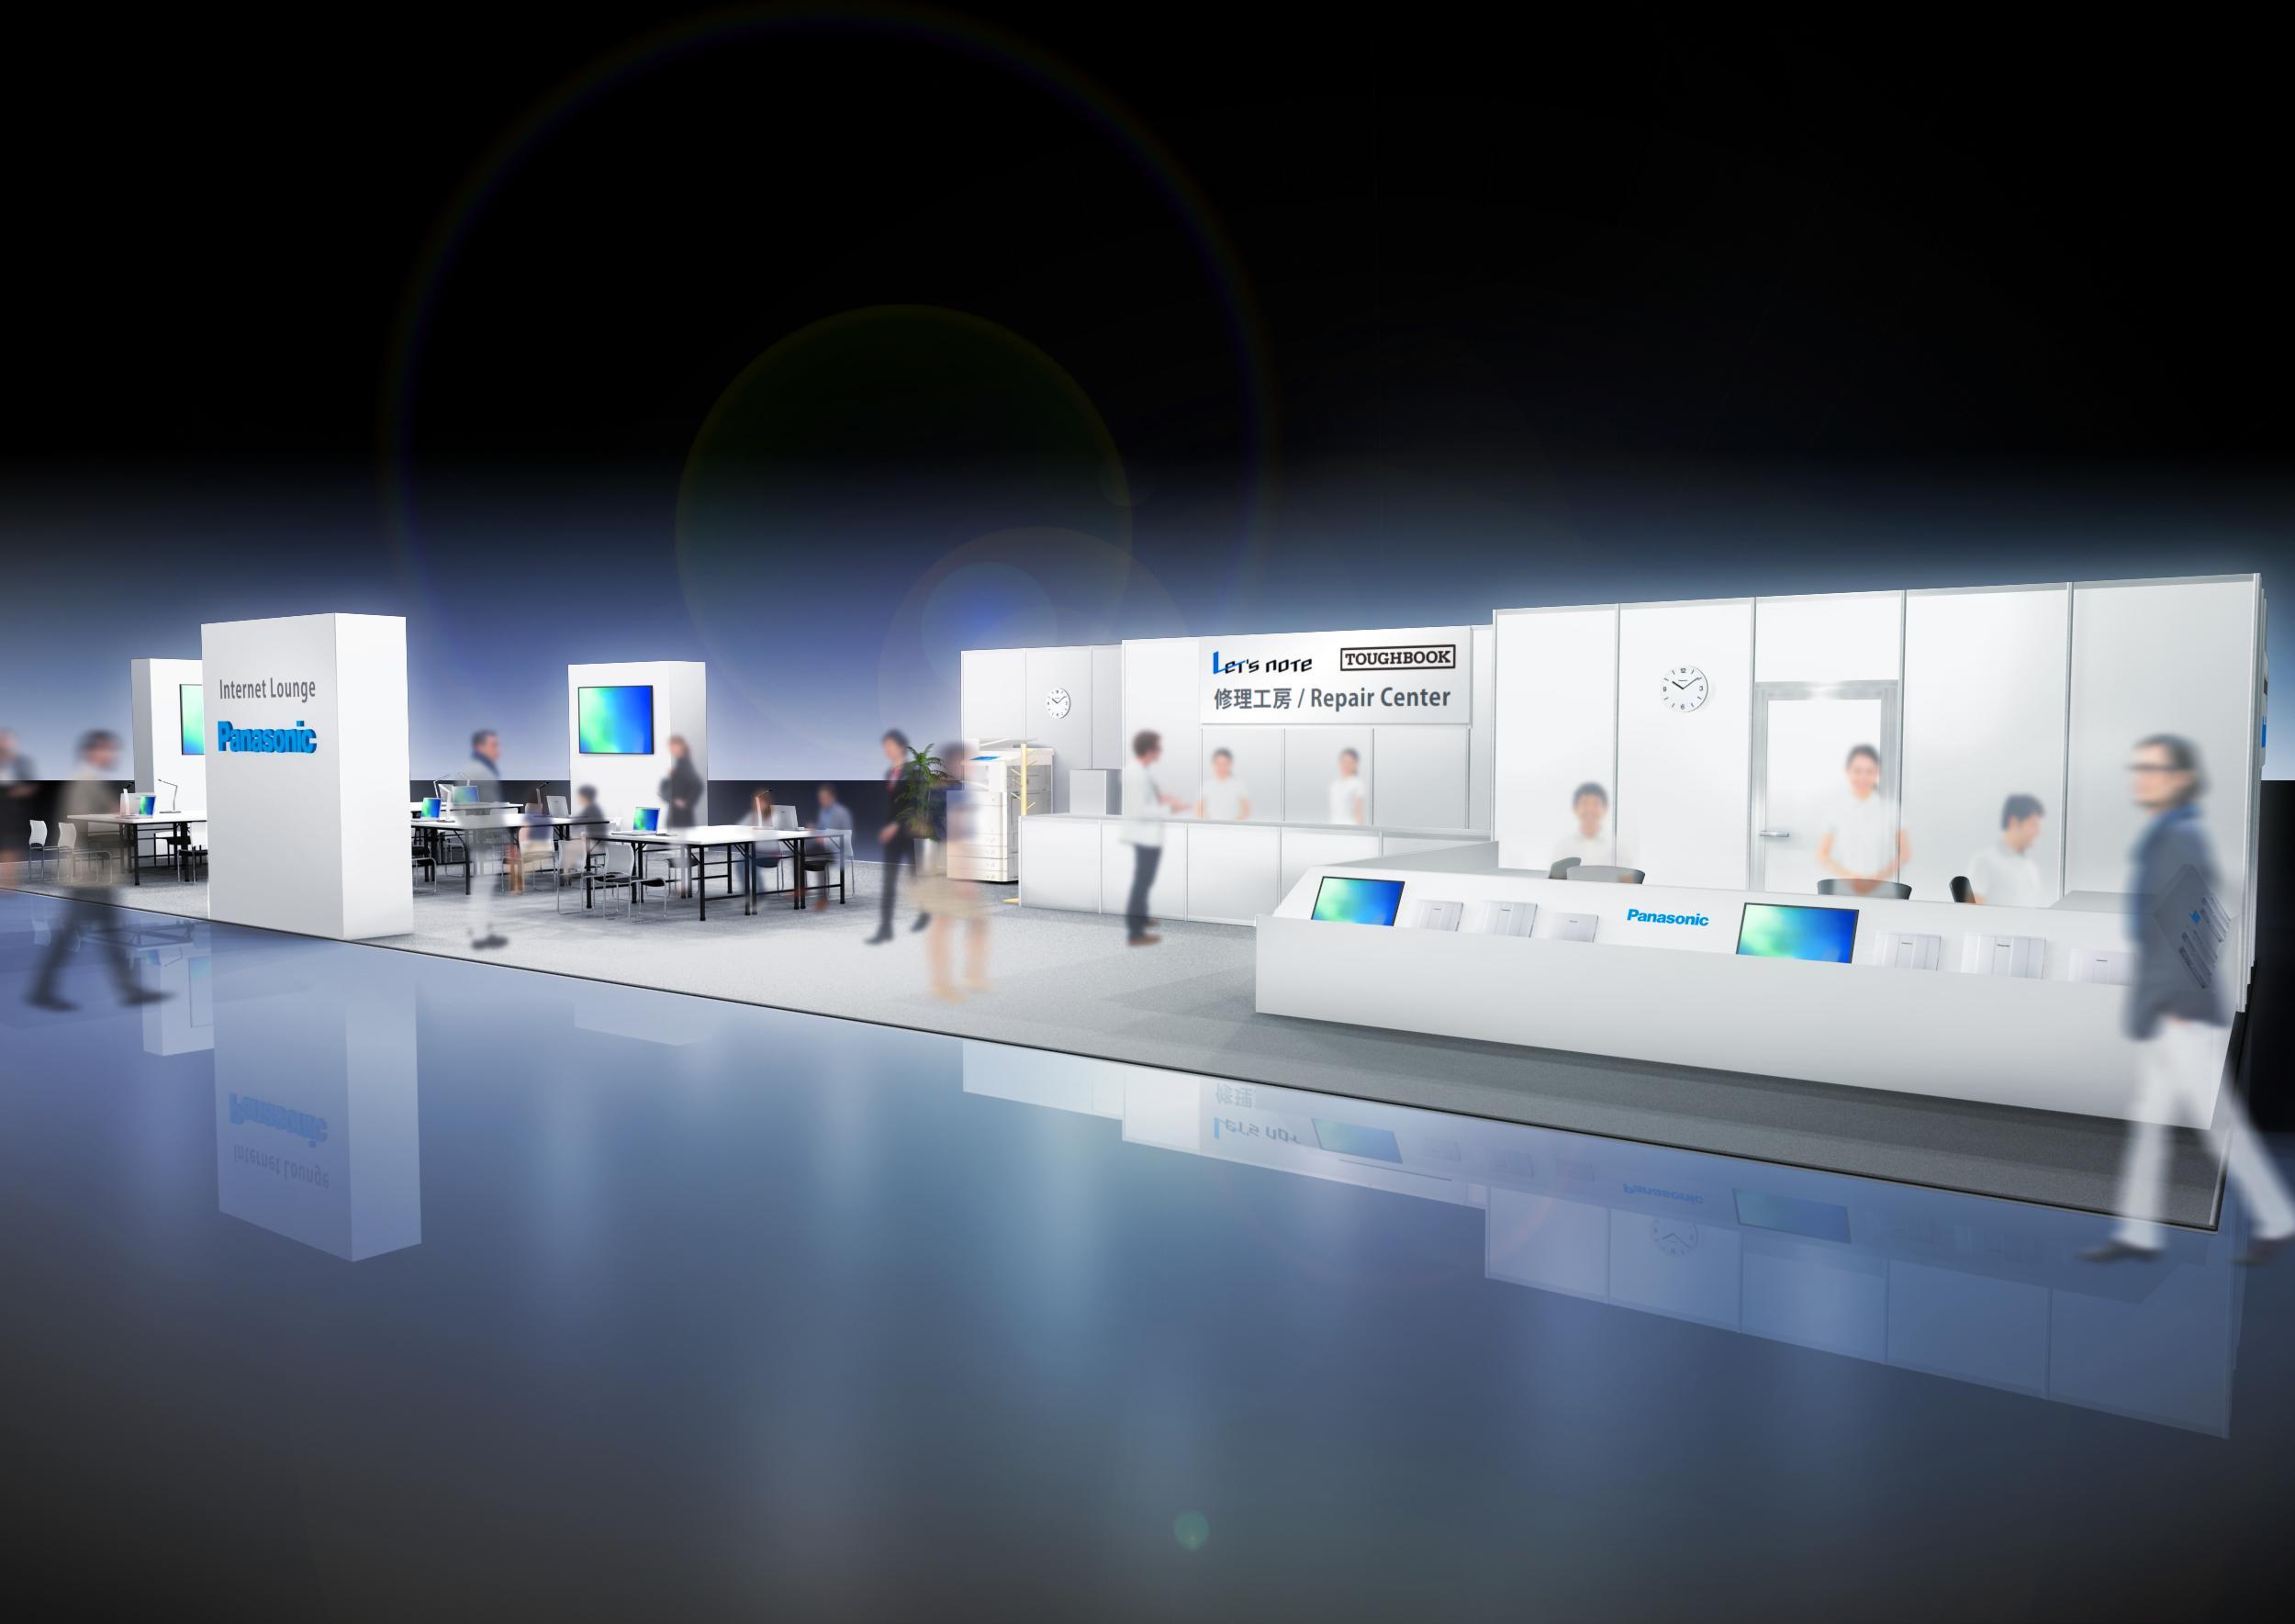 パナソニックが東京2020大会のメインプレスセンターに 「MPCパソコン修理工房」を設置